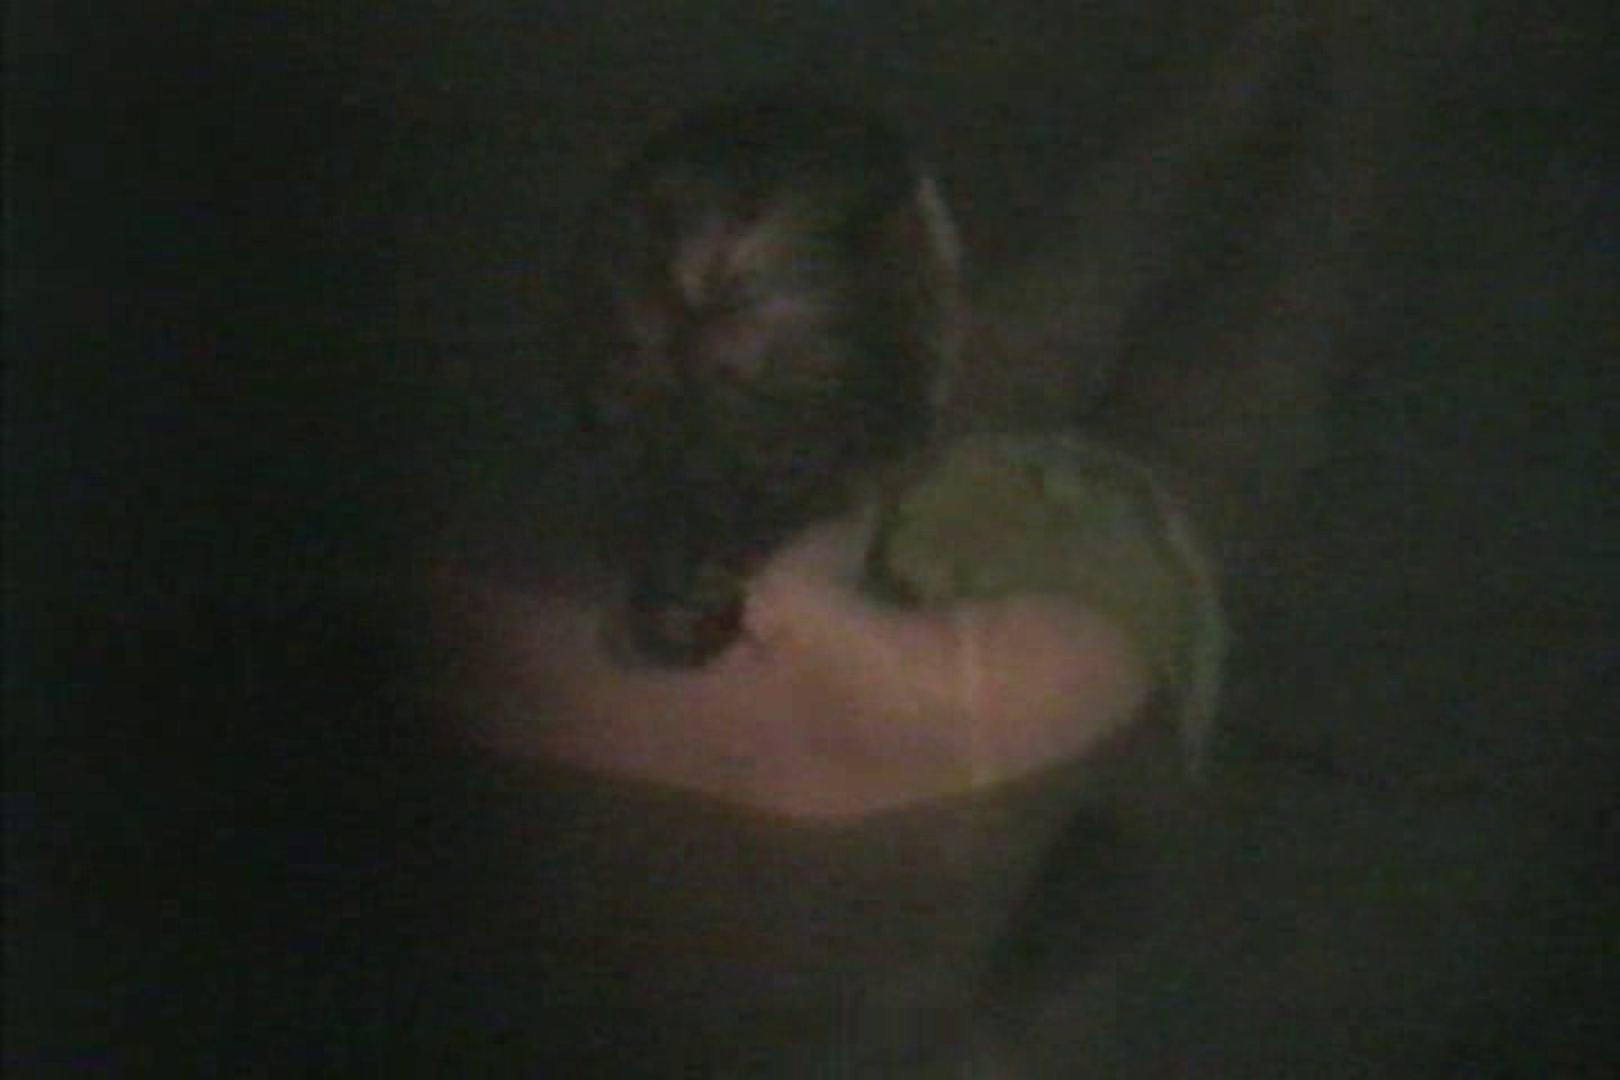 激撮!! 接写天井裏の刺客Vol.4 接写 盗み撮り動画キャプチャ 63画像 11